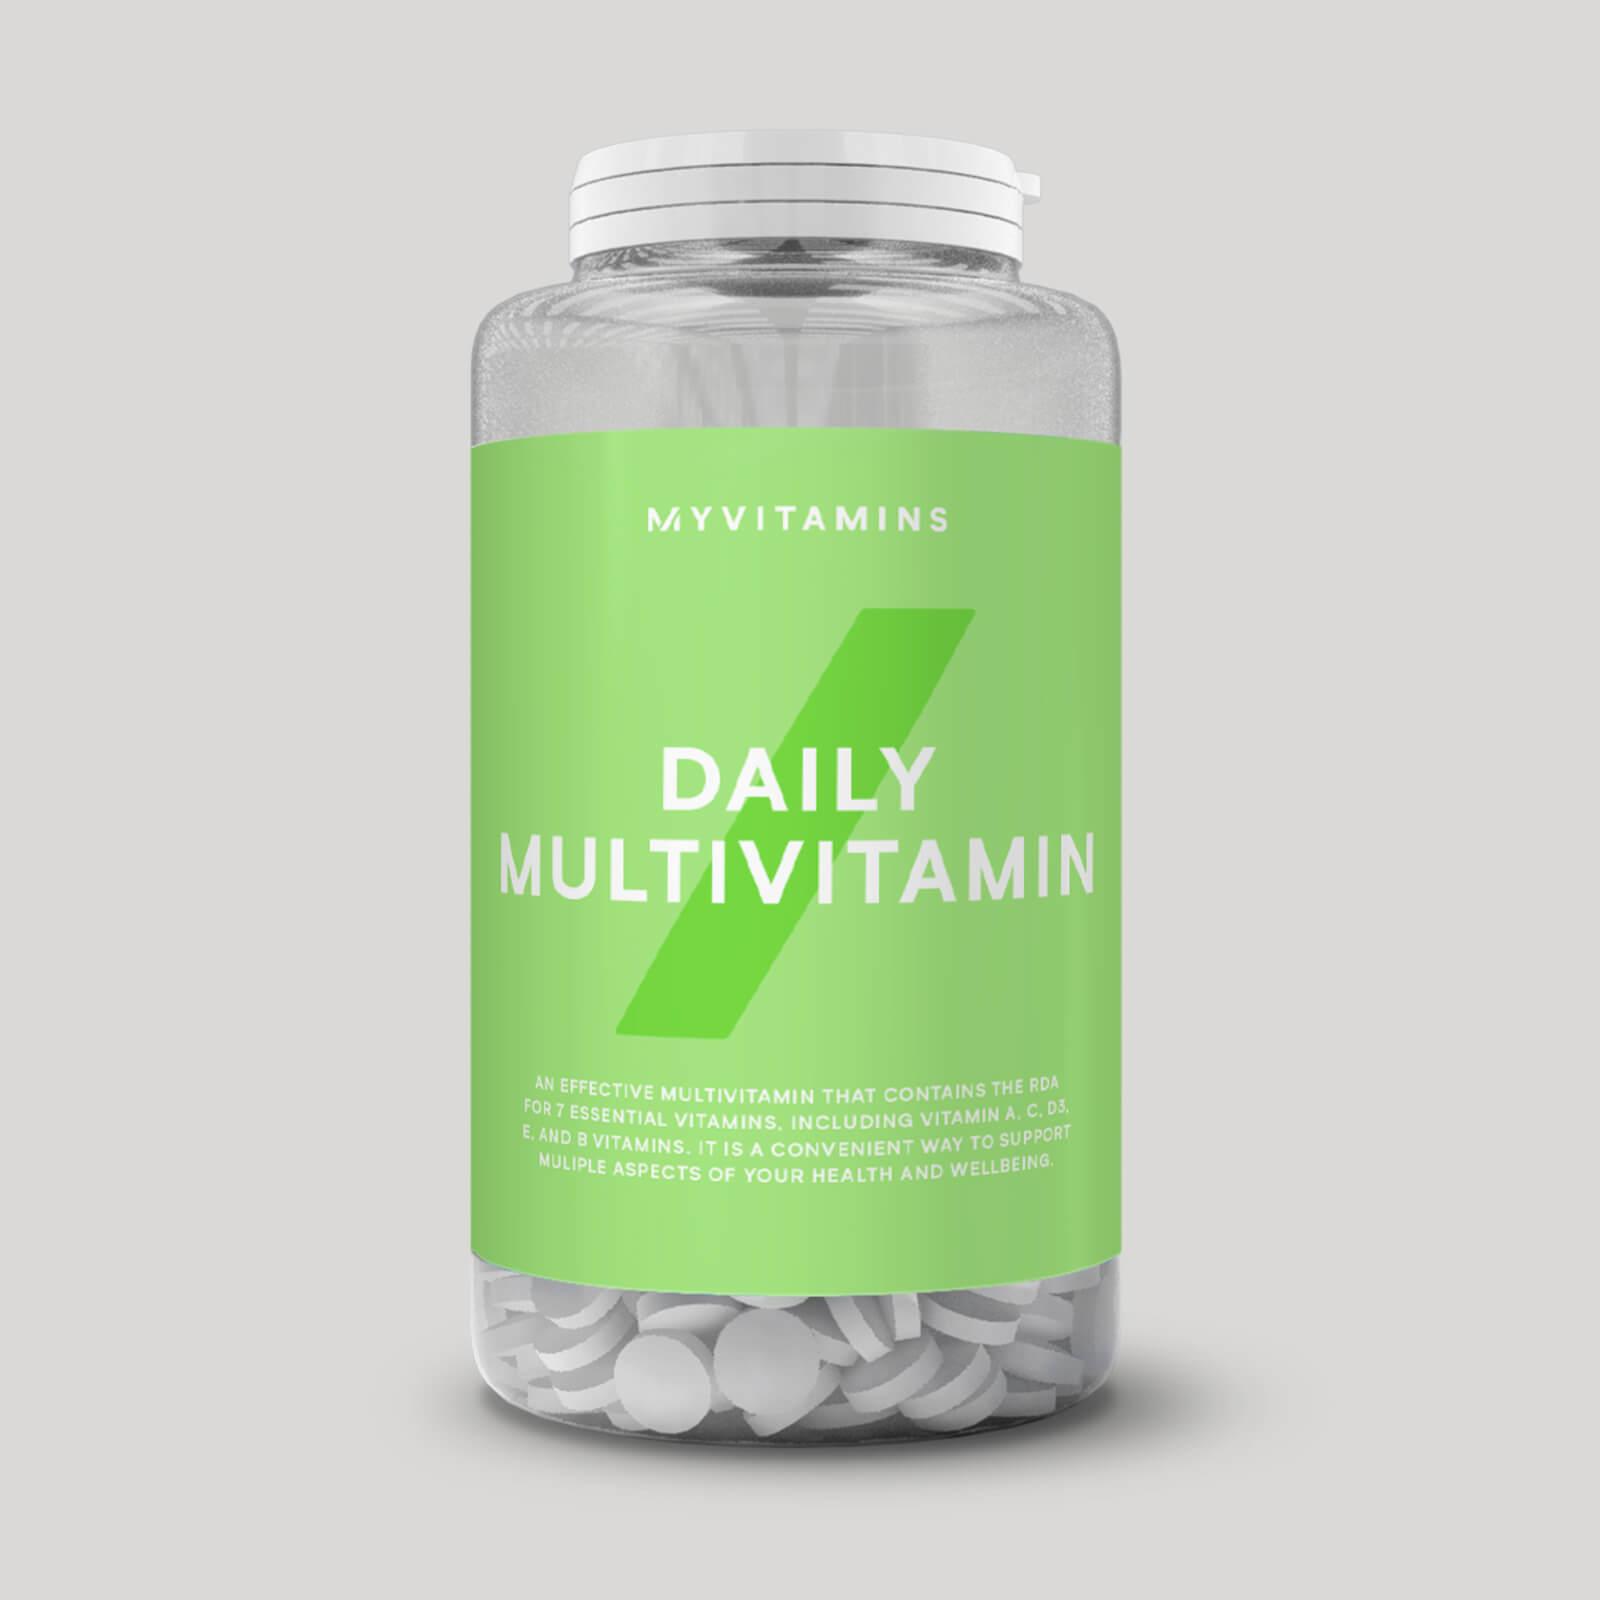 デイリー マルチビタミン タブレット - 60錠